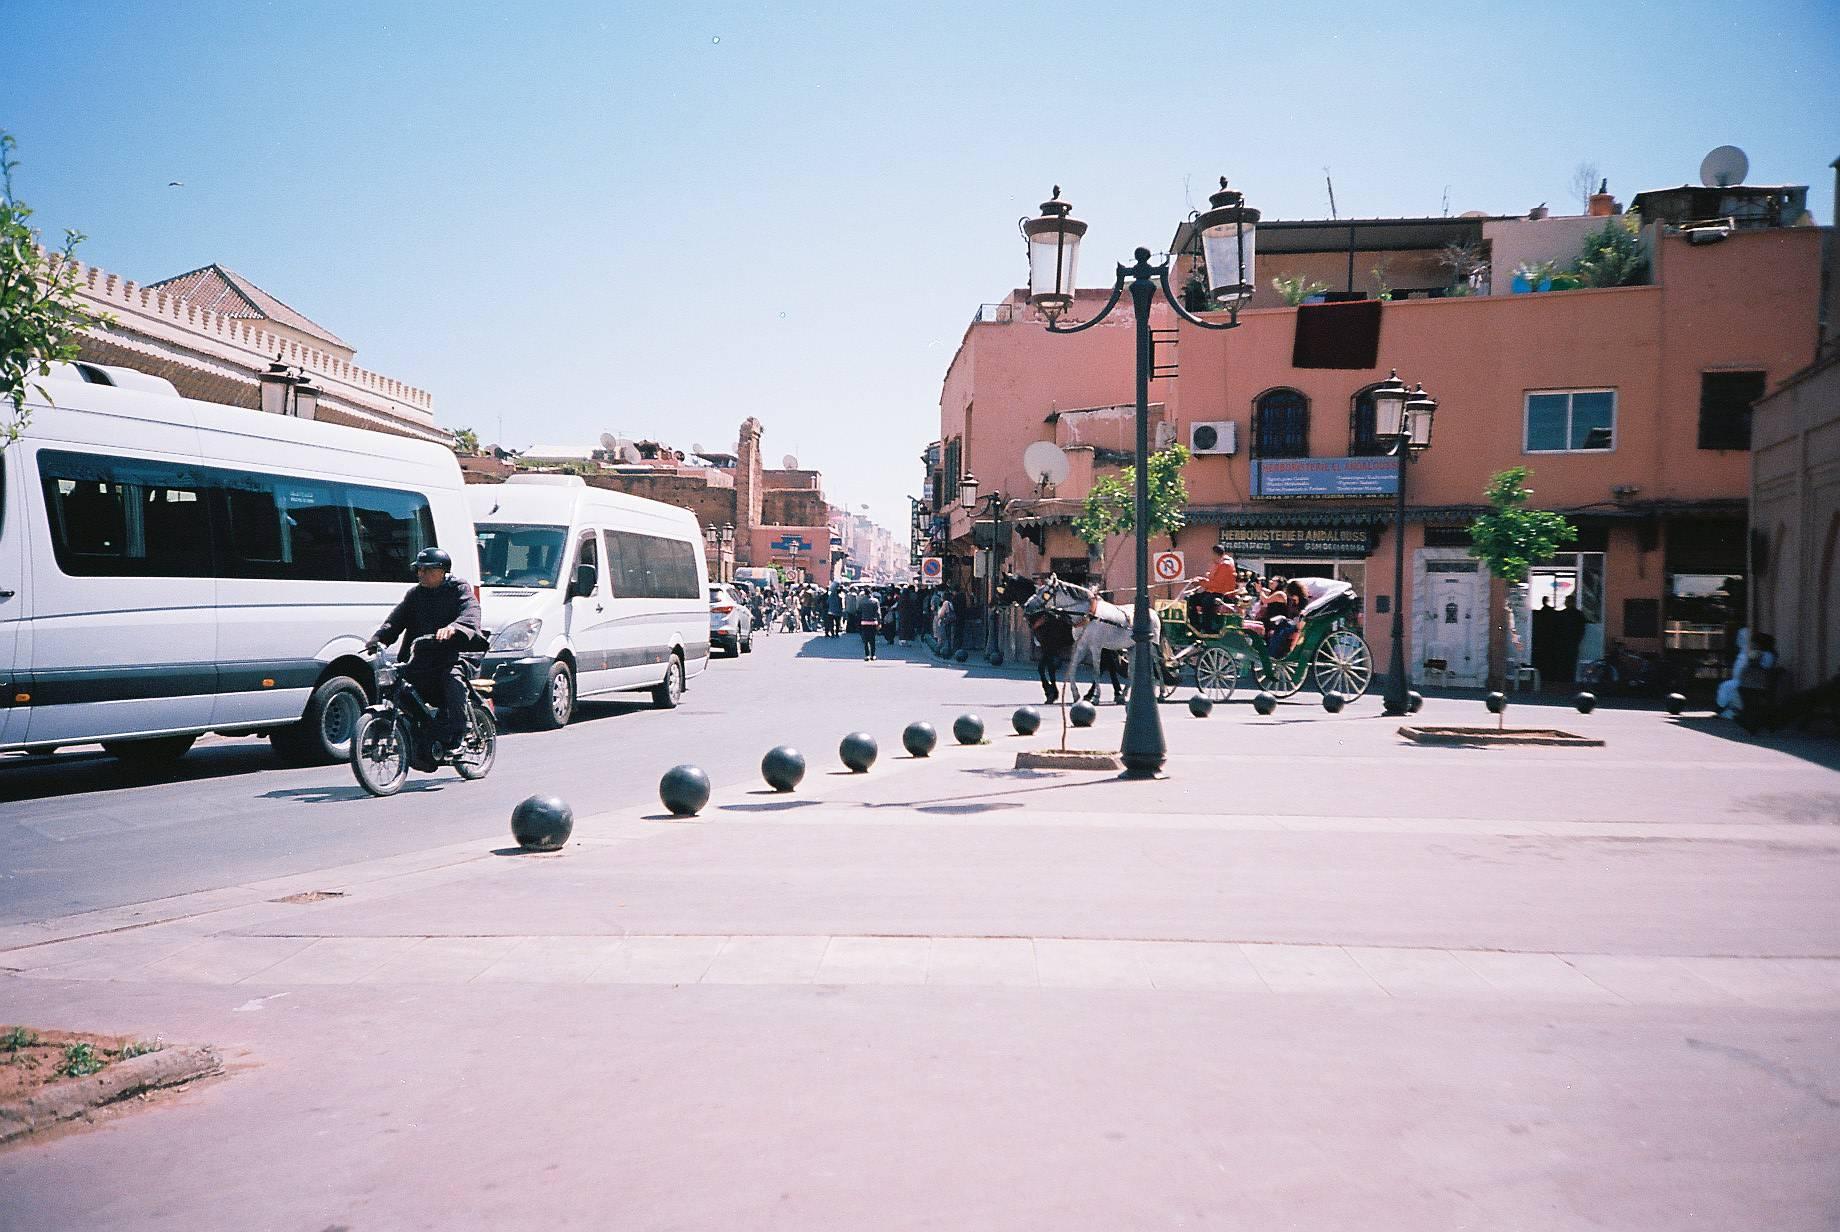 Saara e Marrakech - Marrakech